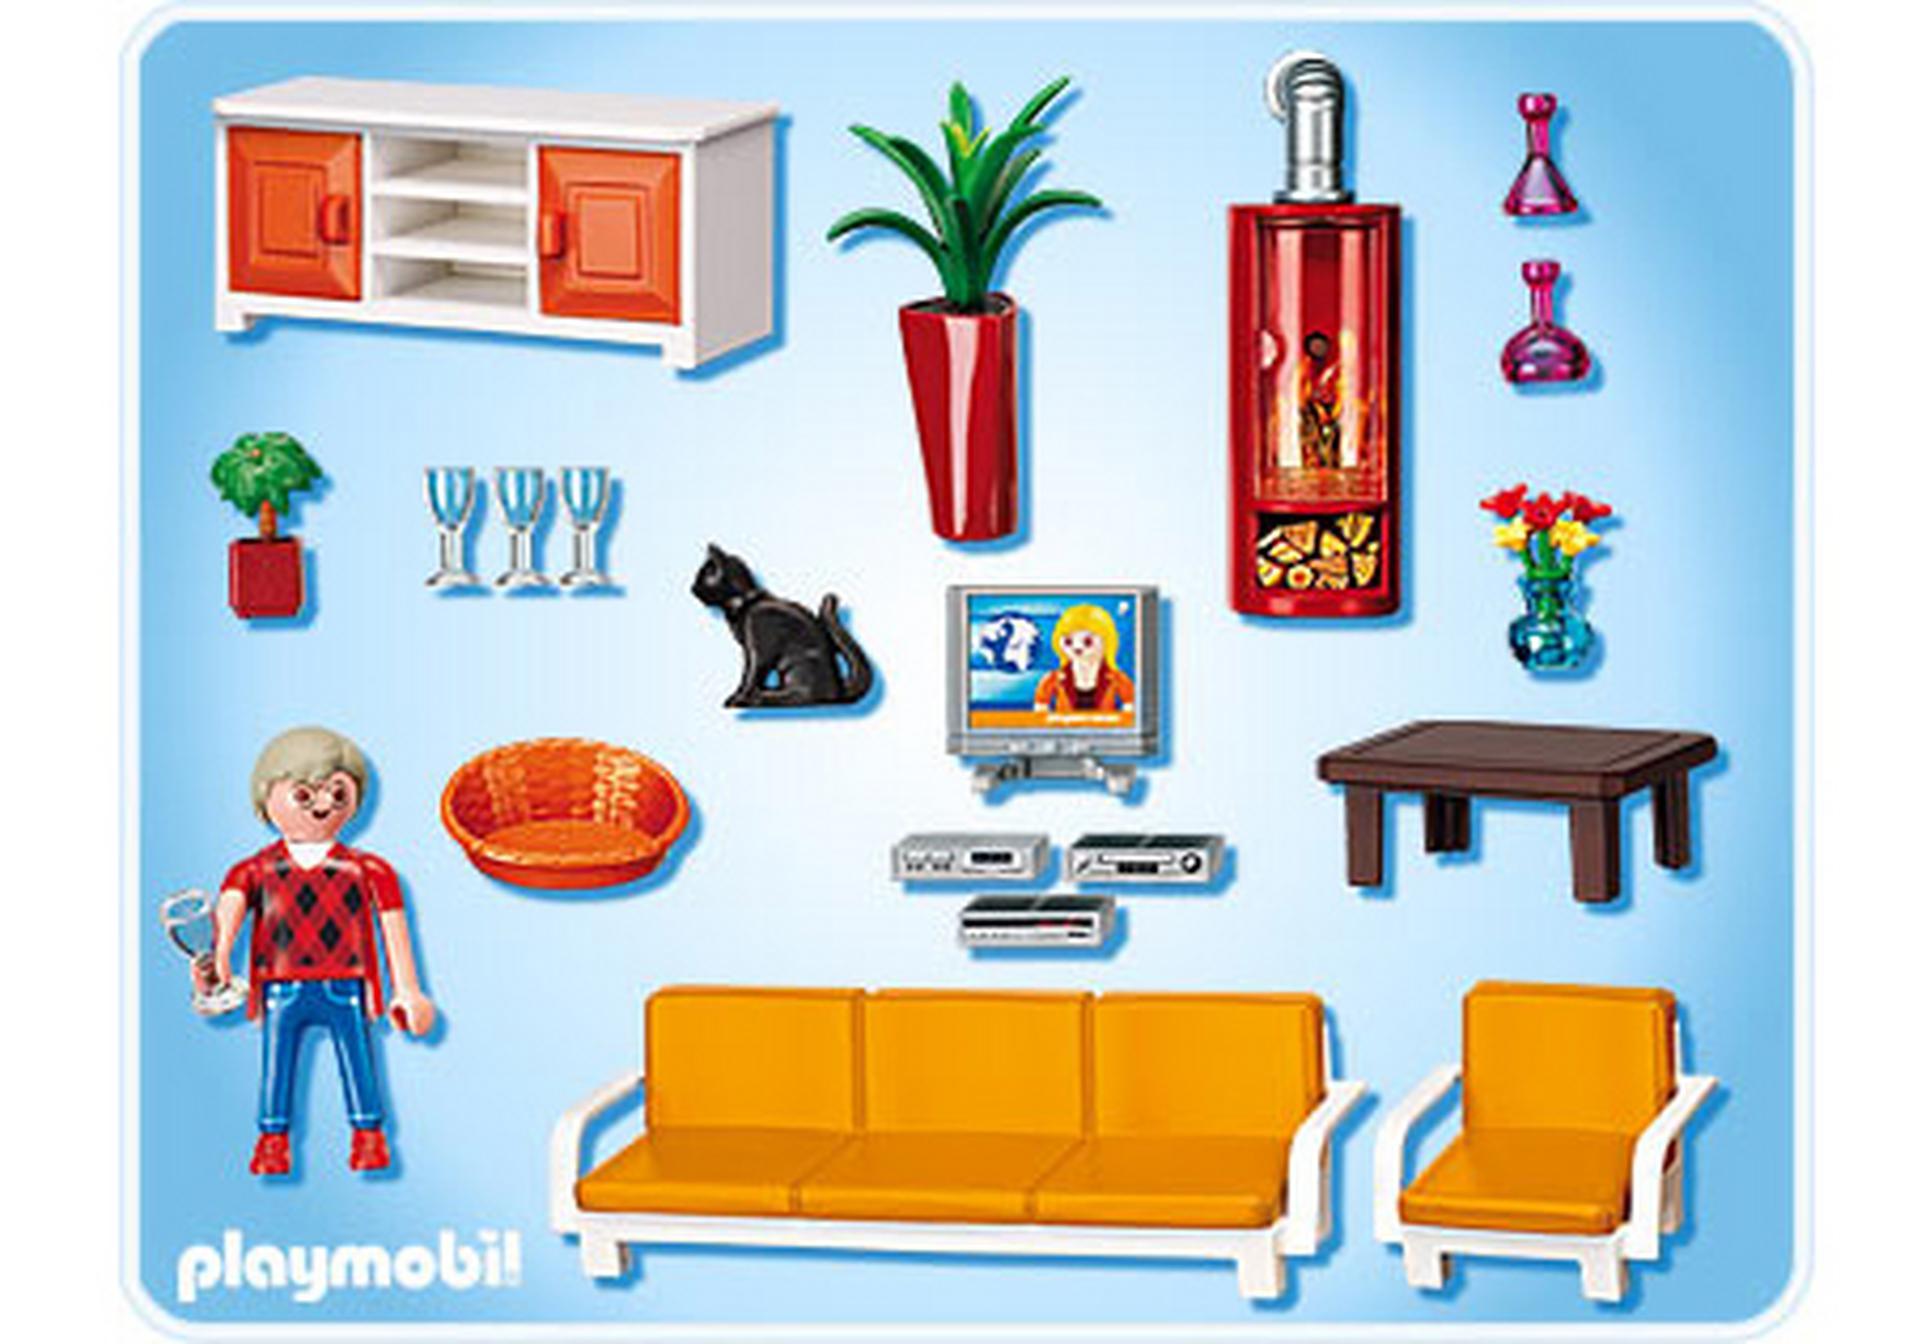 Behagliches wohnzimmer 5332 a playmobil deutschland - Playmobil wohnzimmer 5332 ...